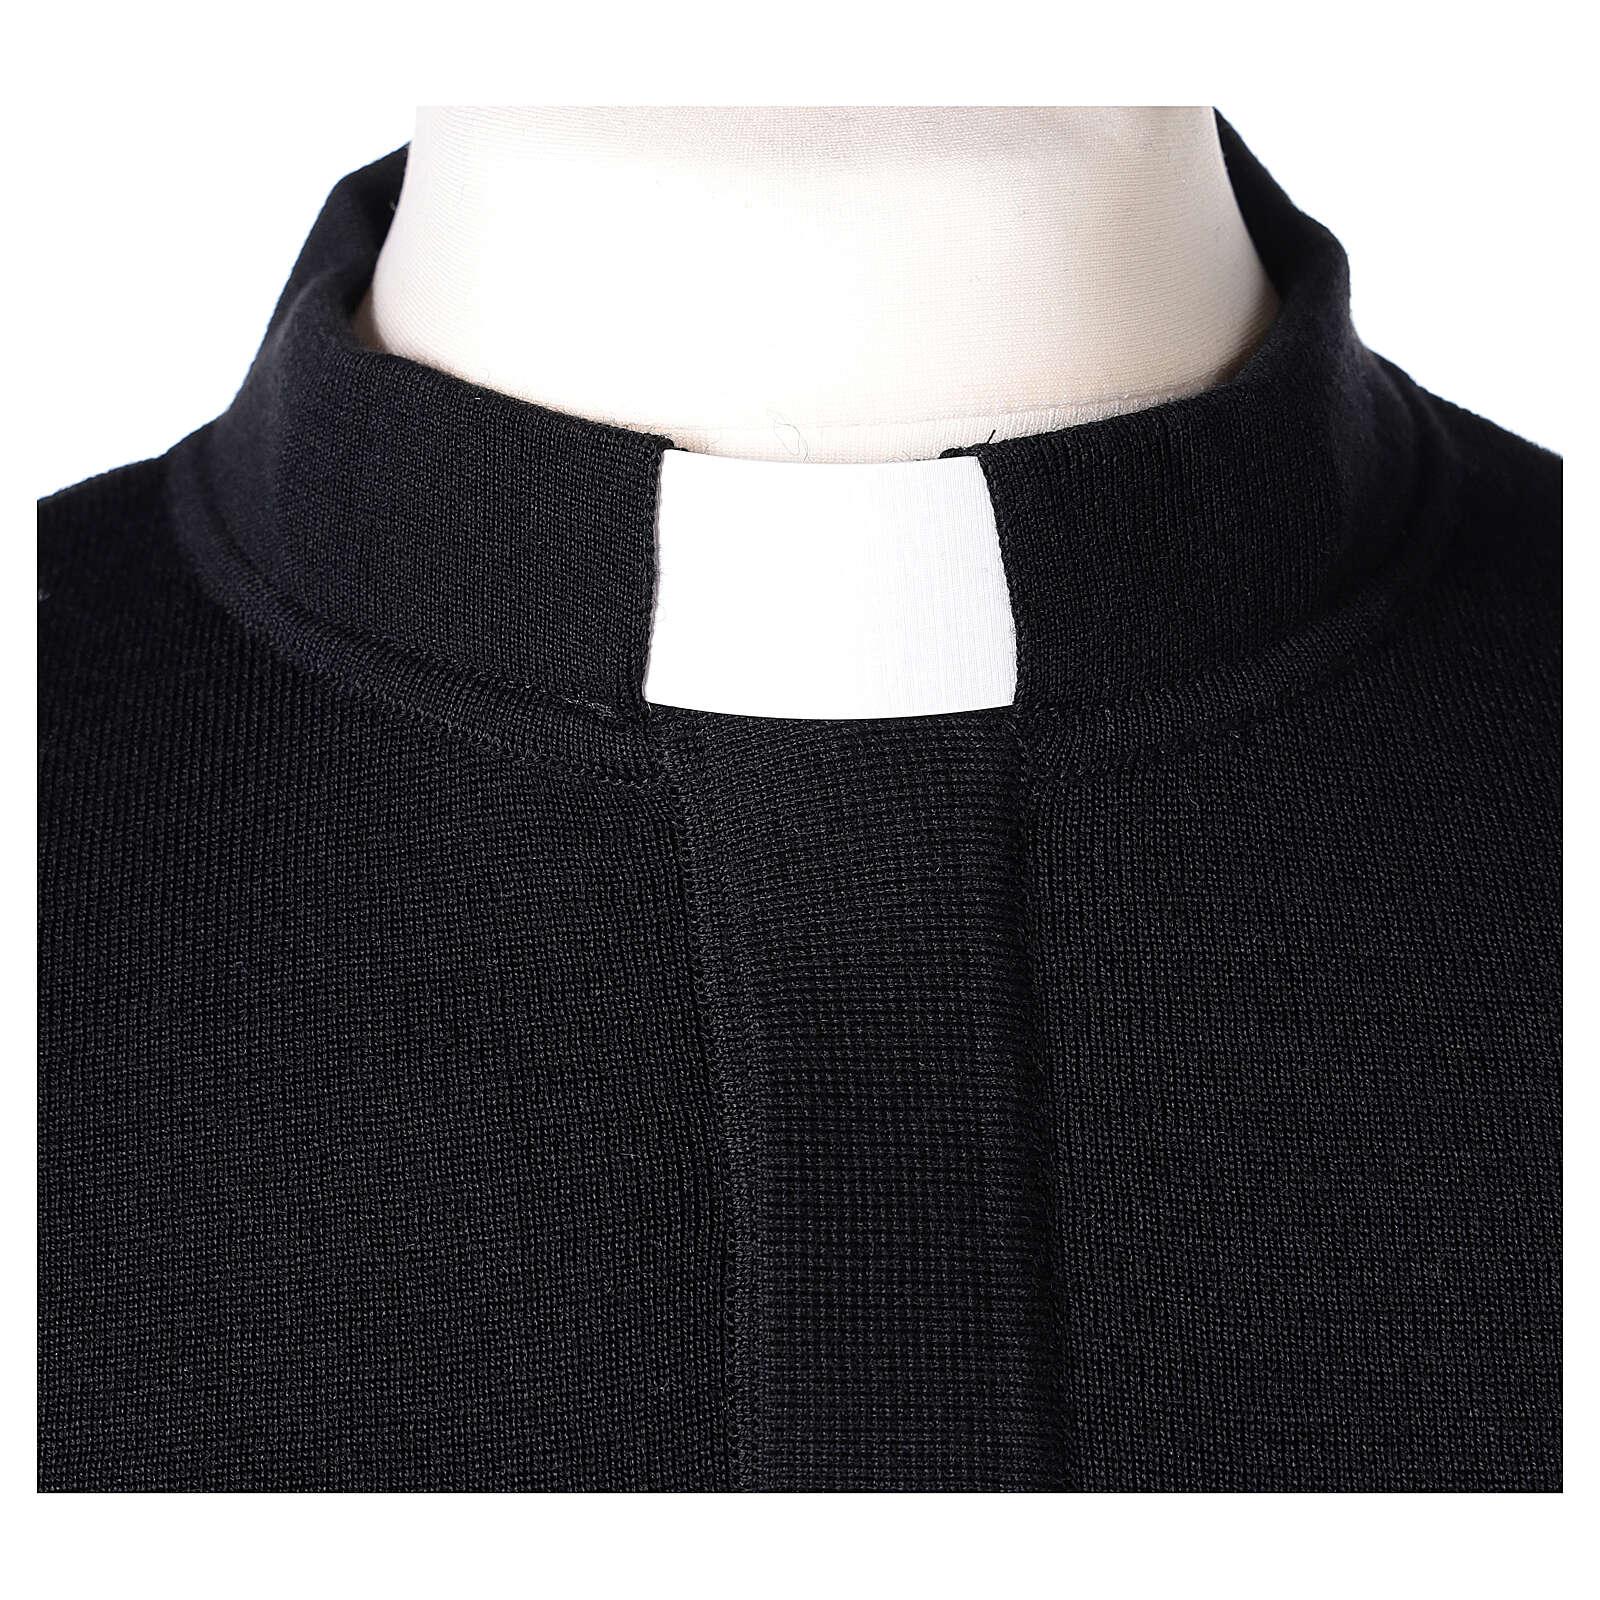 Black clergy jumper 50% merino wool 50% acrylic In Primis 4